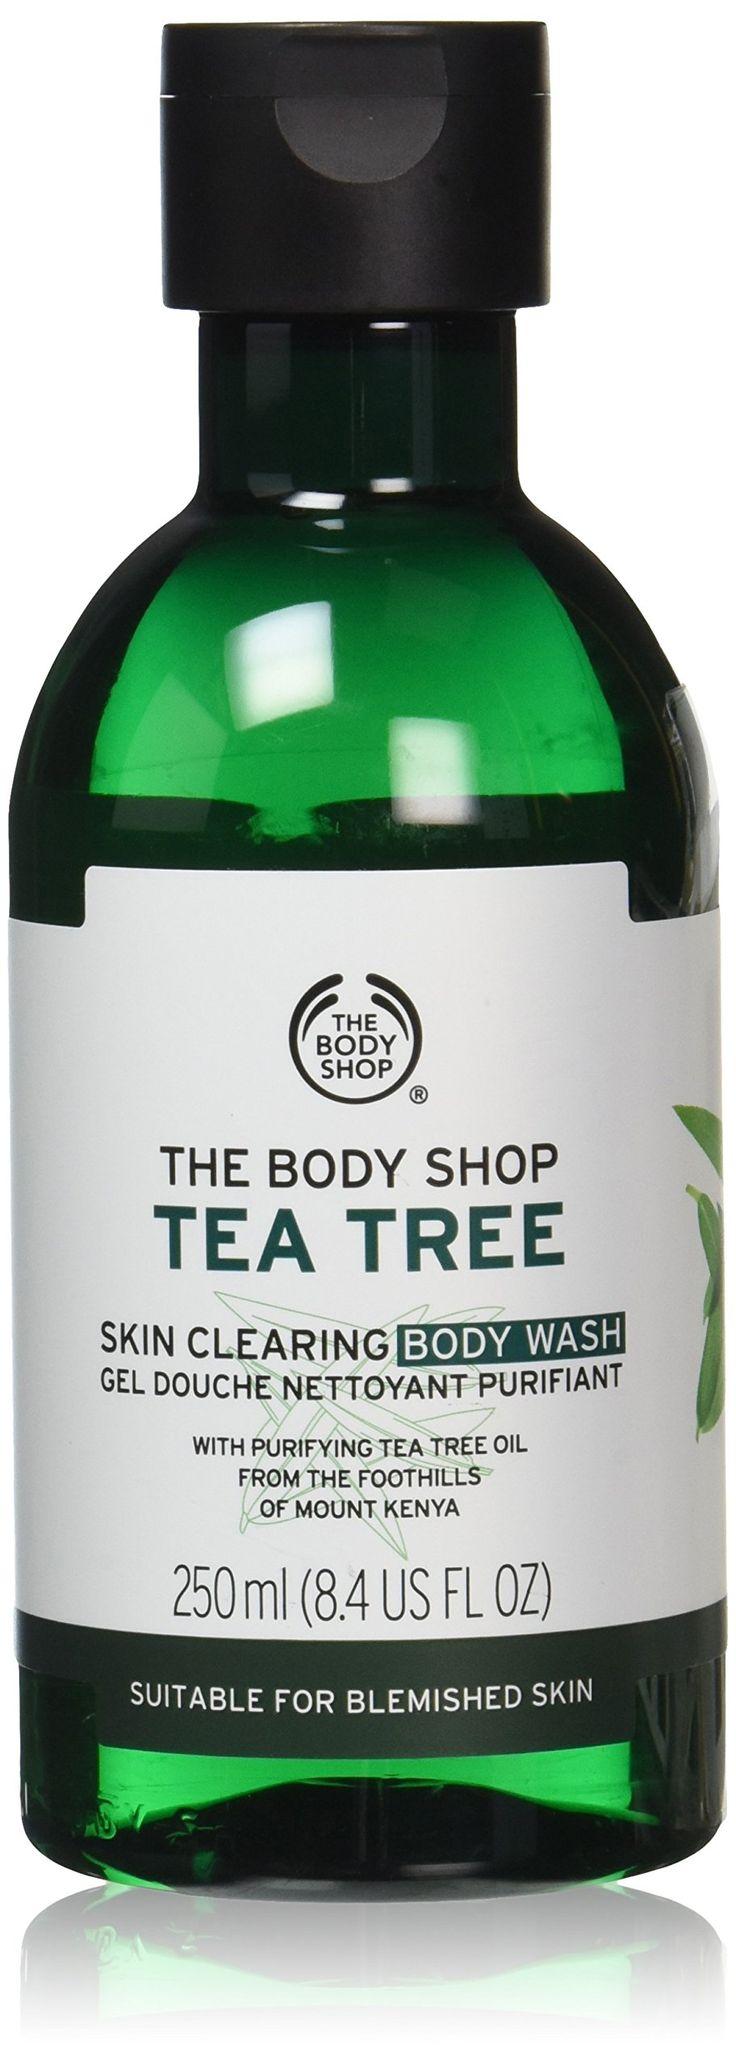 The Body Shop Tea Tree Body Wash, 8.4-Fluid Ounce